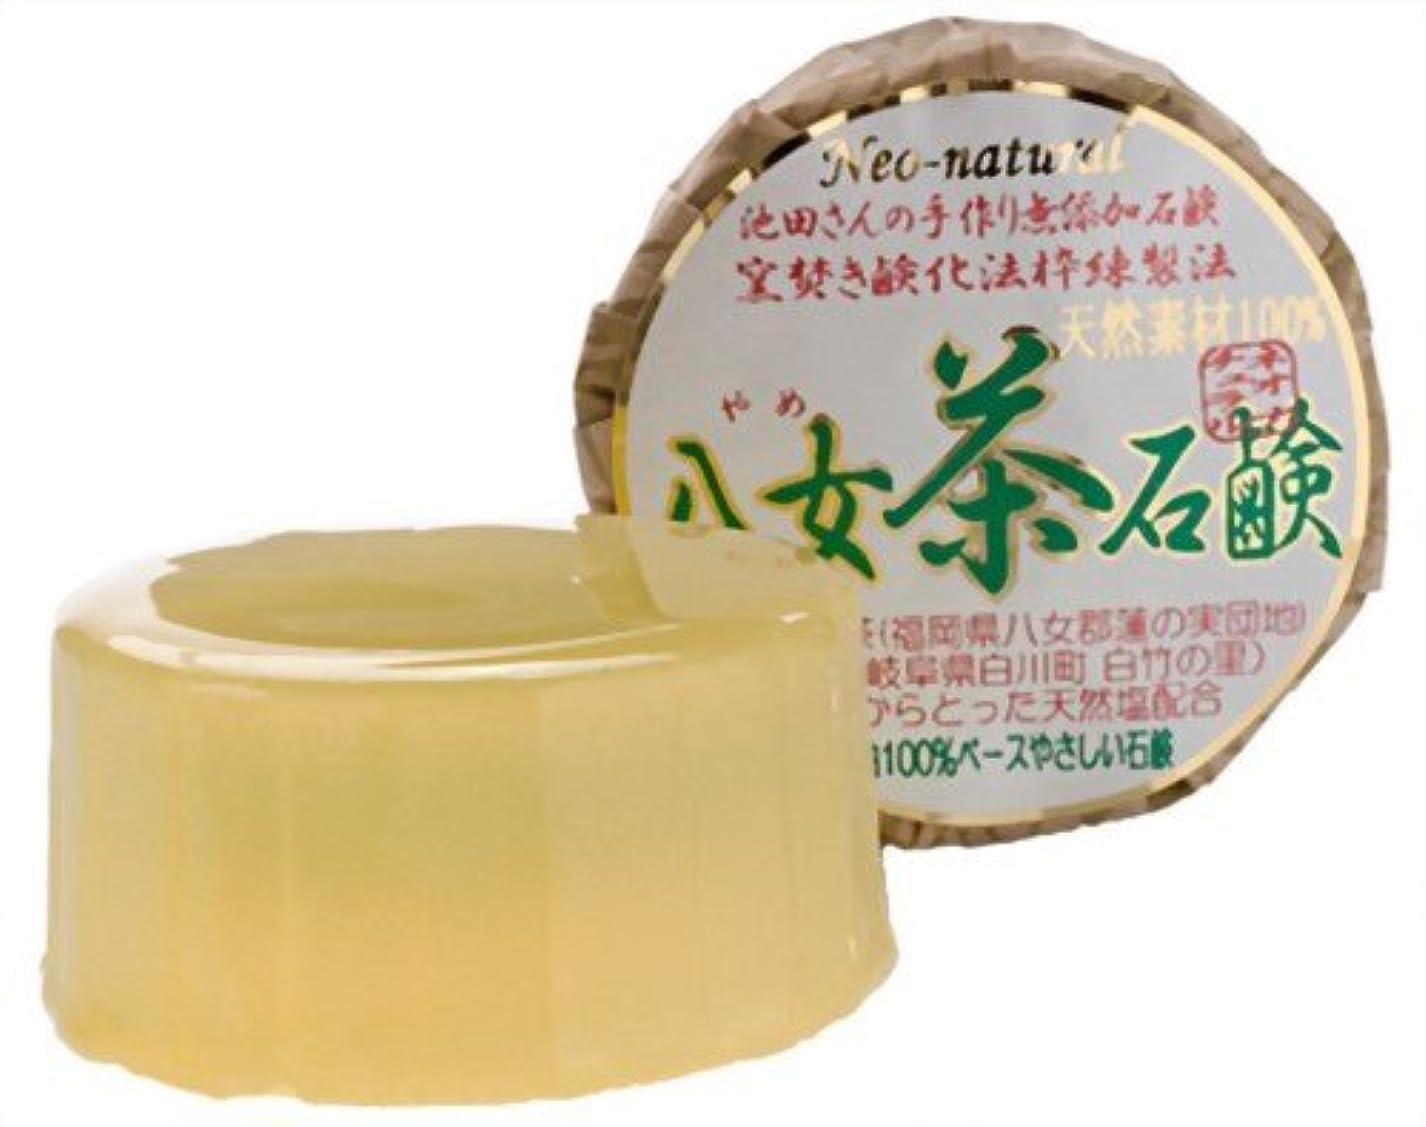 伝染病パートナー不道徳ネオナチュラル 池田さんの八女茶石鹸 80g